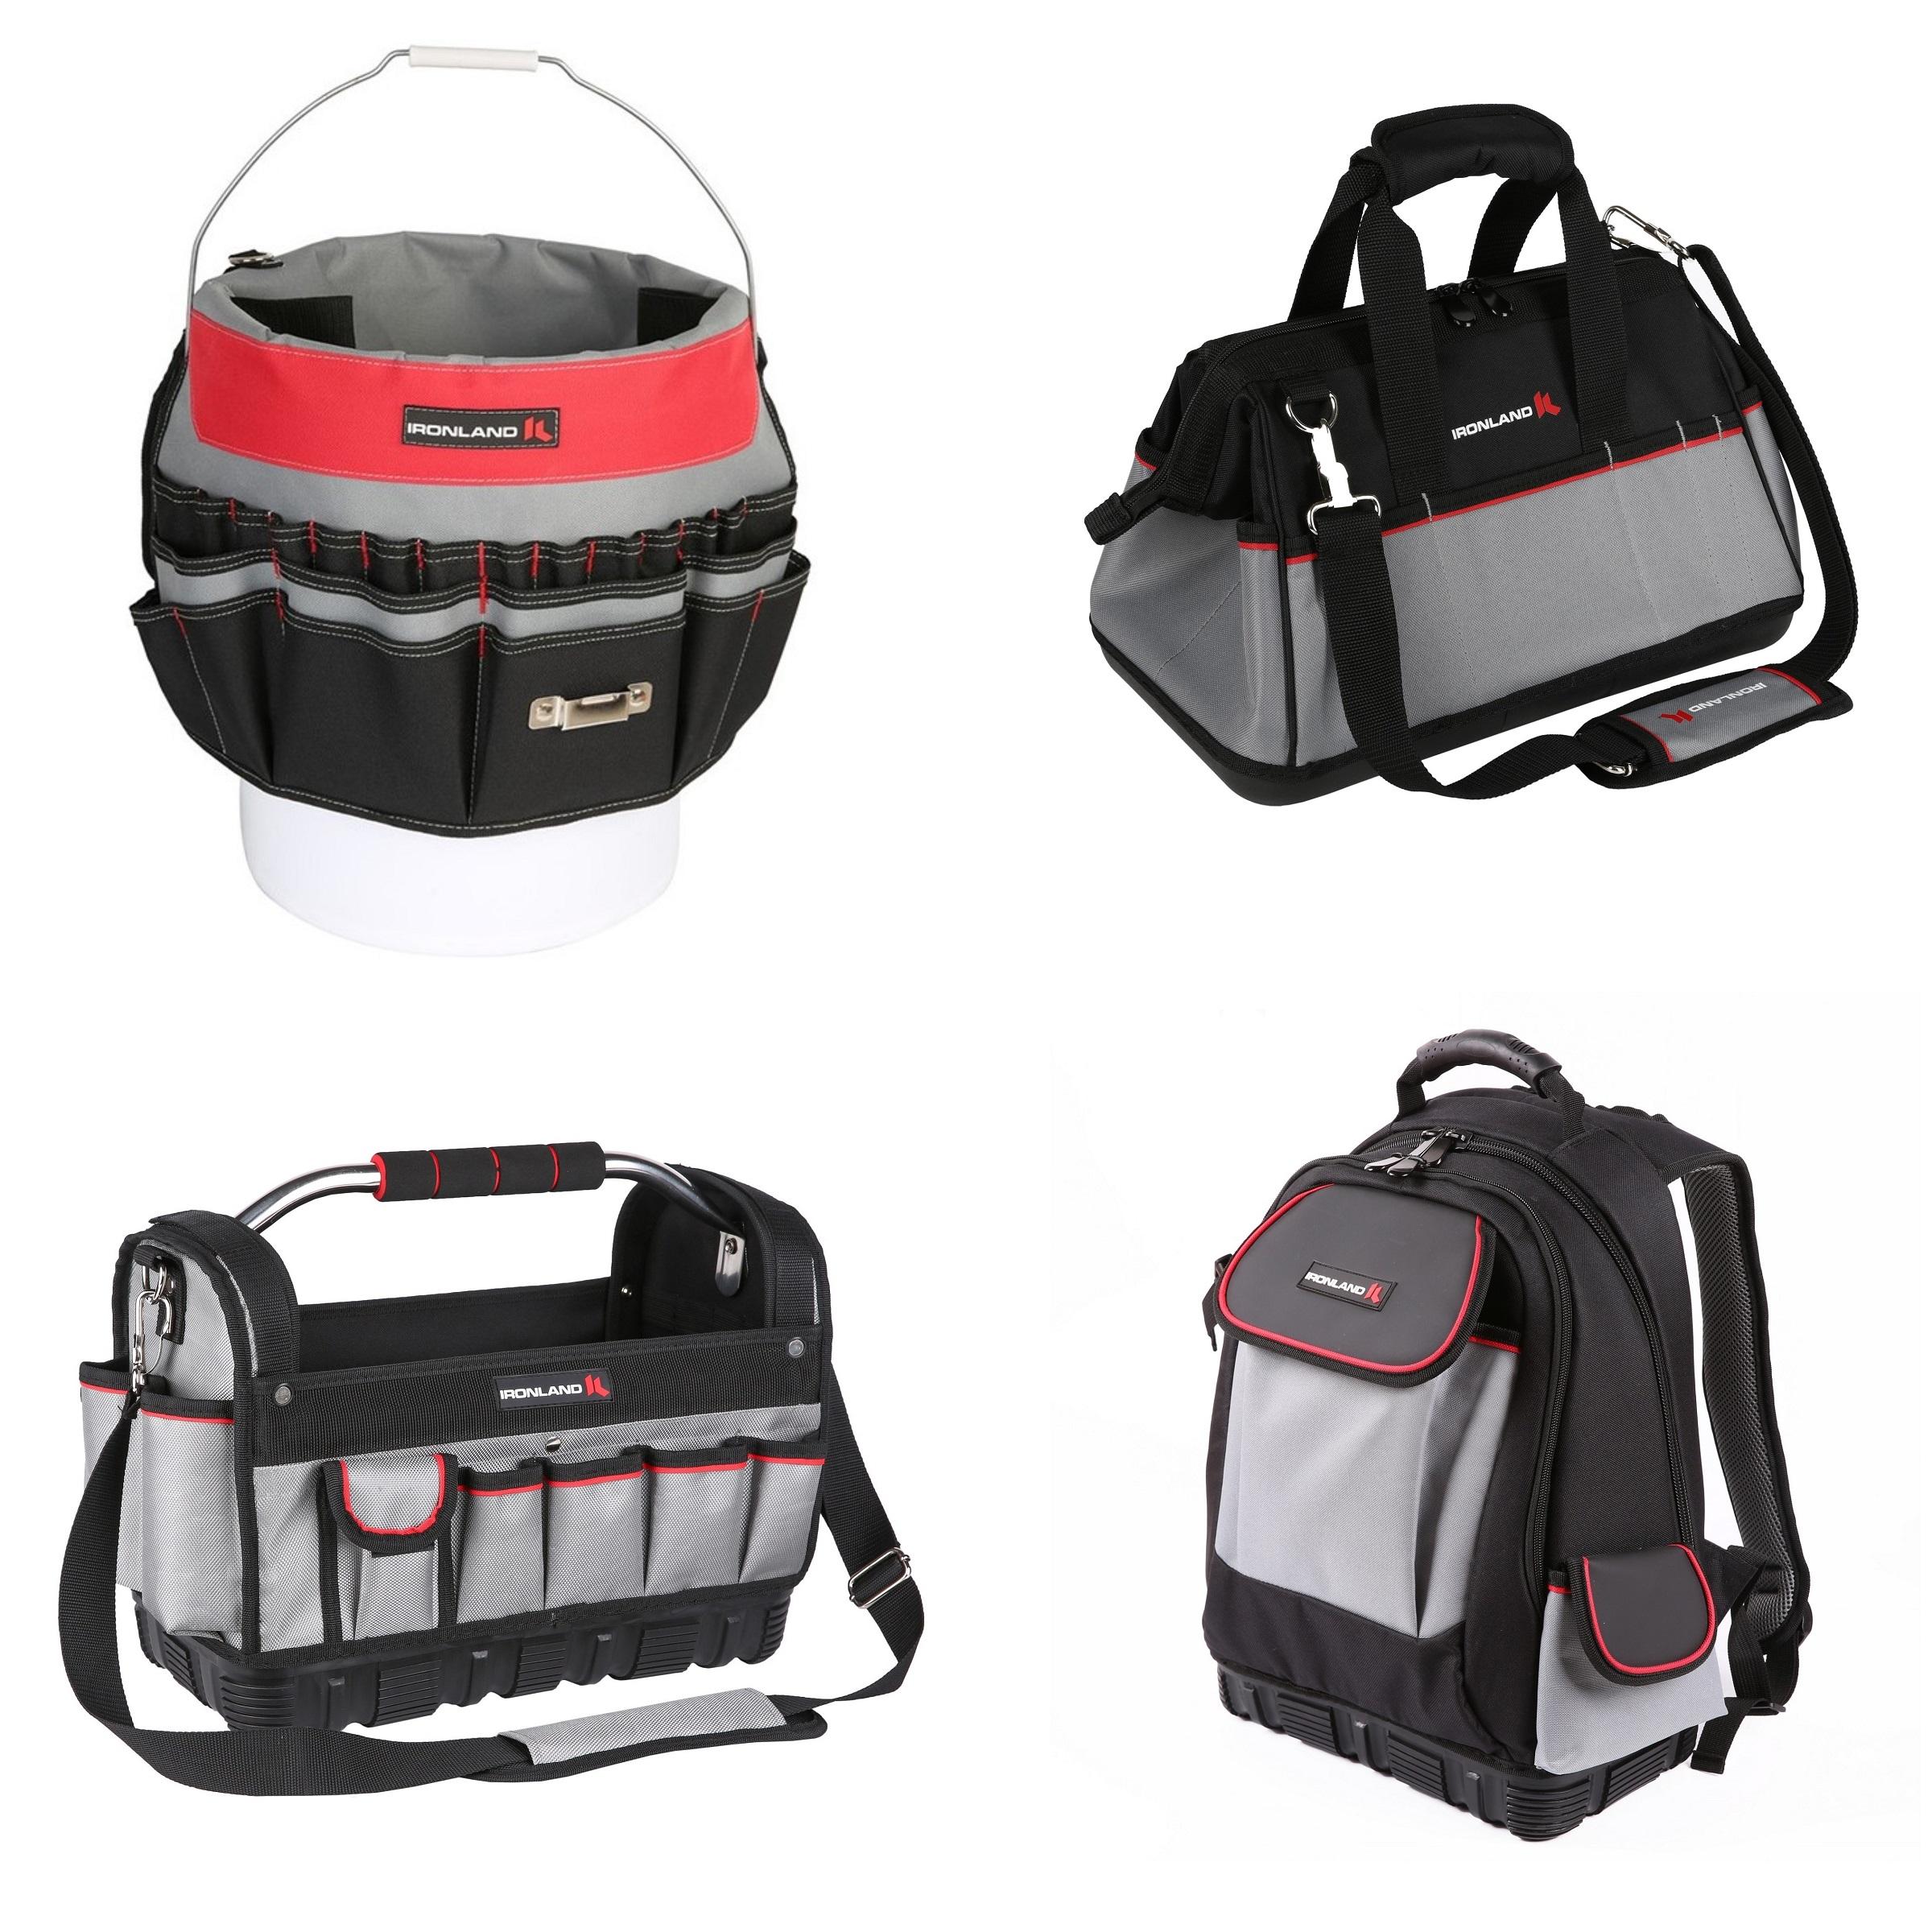 휴대용 내구성 사용하여 맞춤형 전문 도구 가방 도구